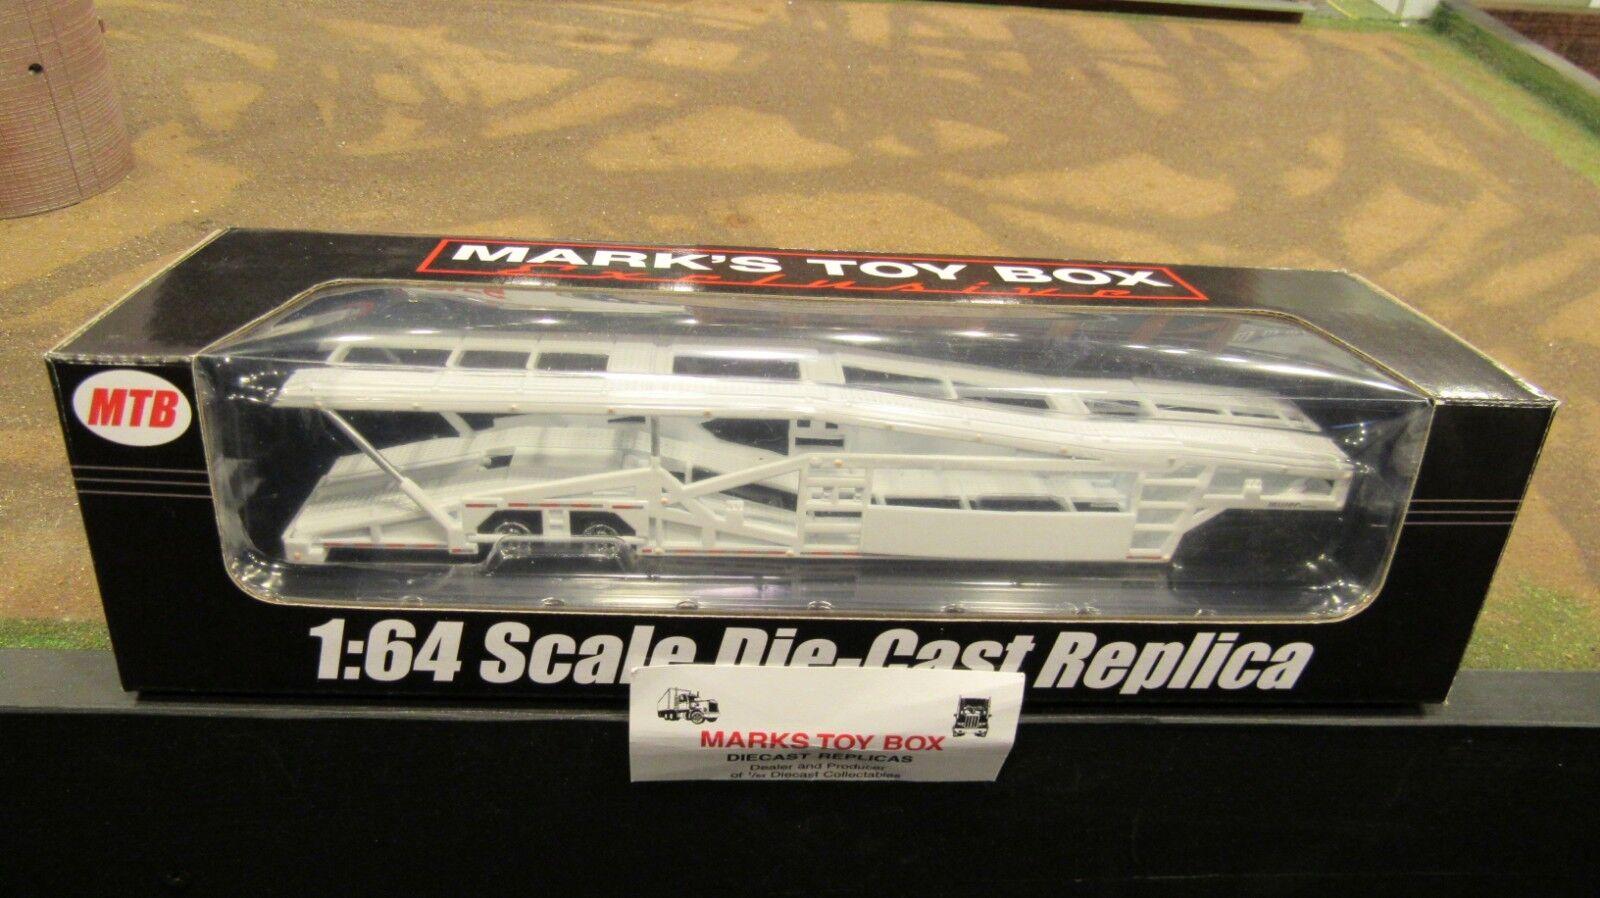 MTB-1632 biancao 5 coche Transportador De Transporte Remolque Transportador 1 64 Speccast